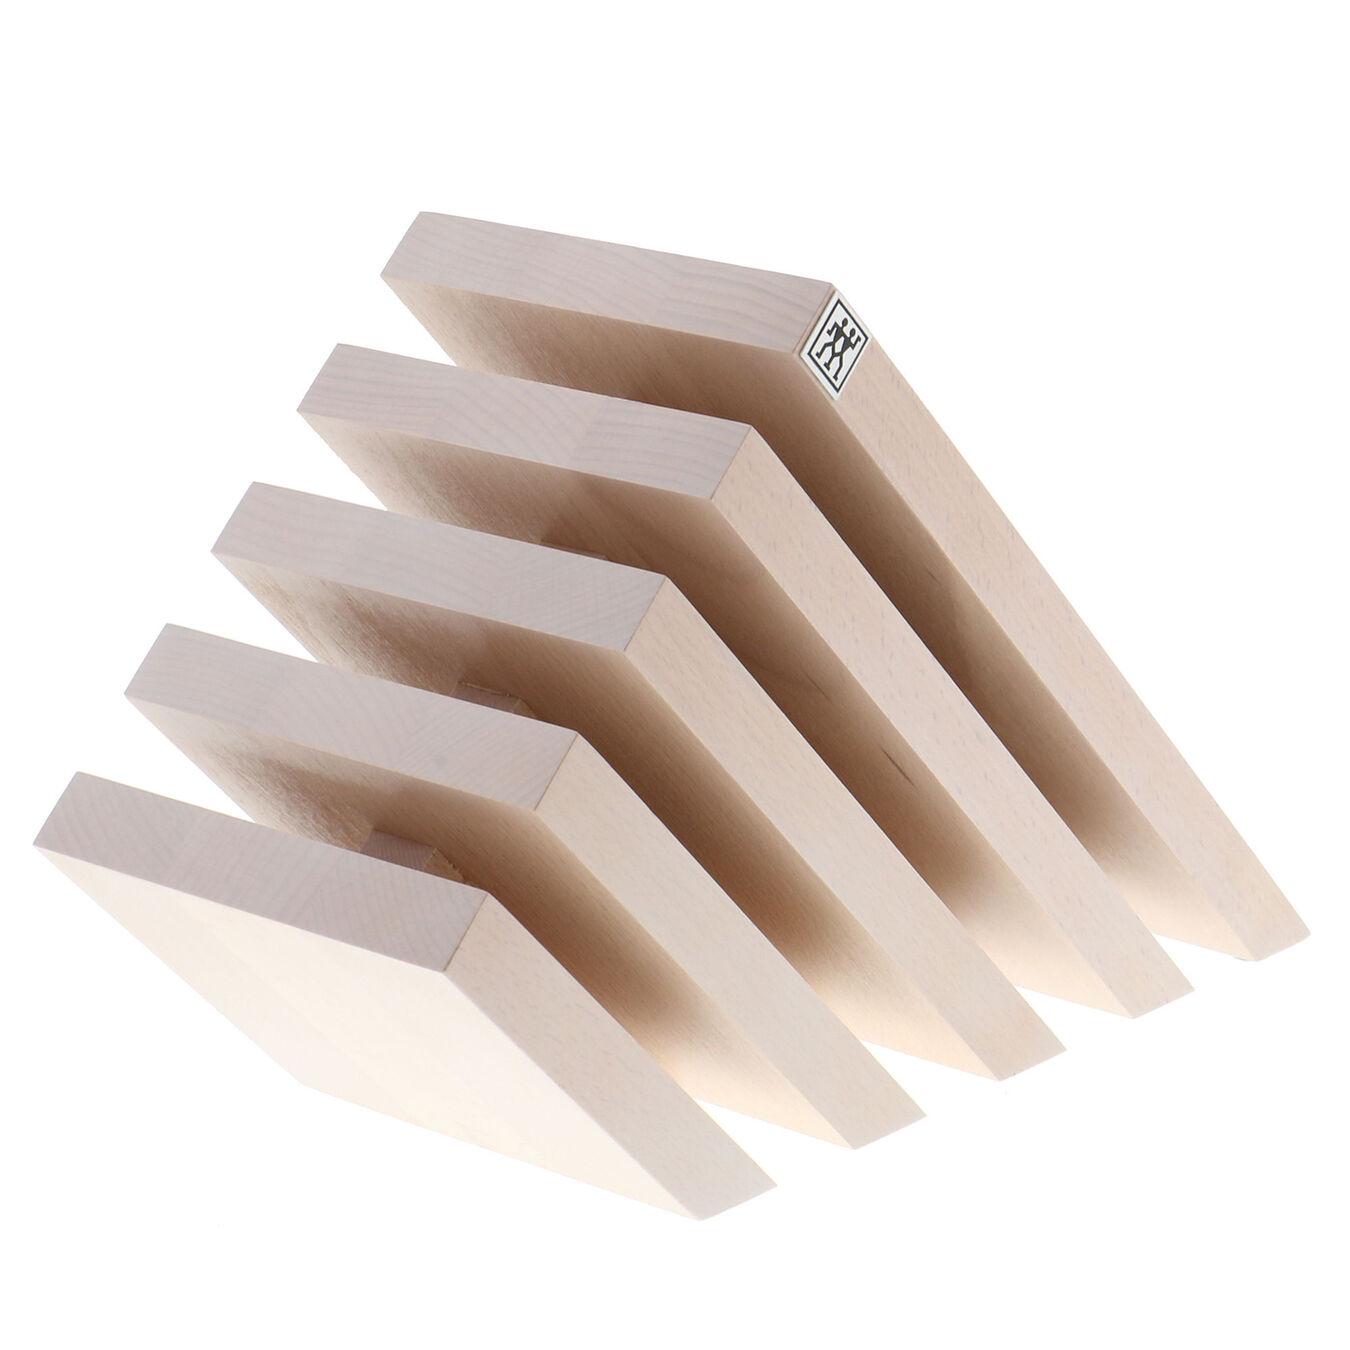 Slanted Magnetic Knife Block - White-Colored Beechwood,,large 1